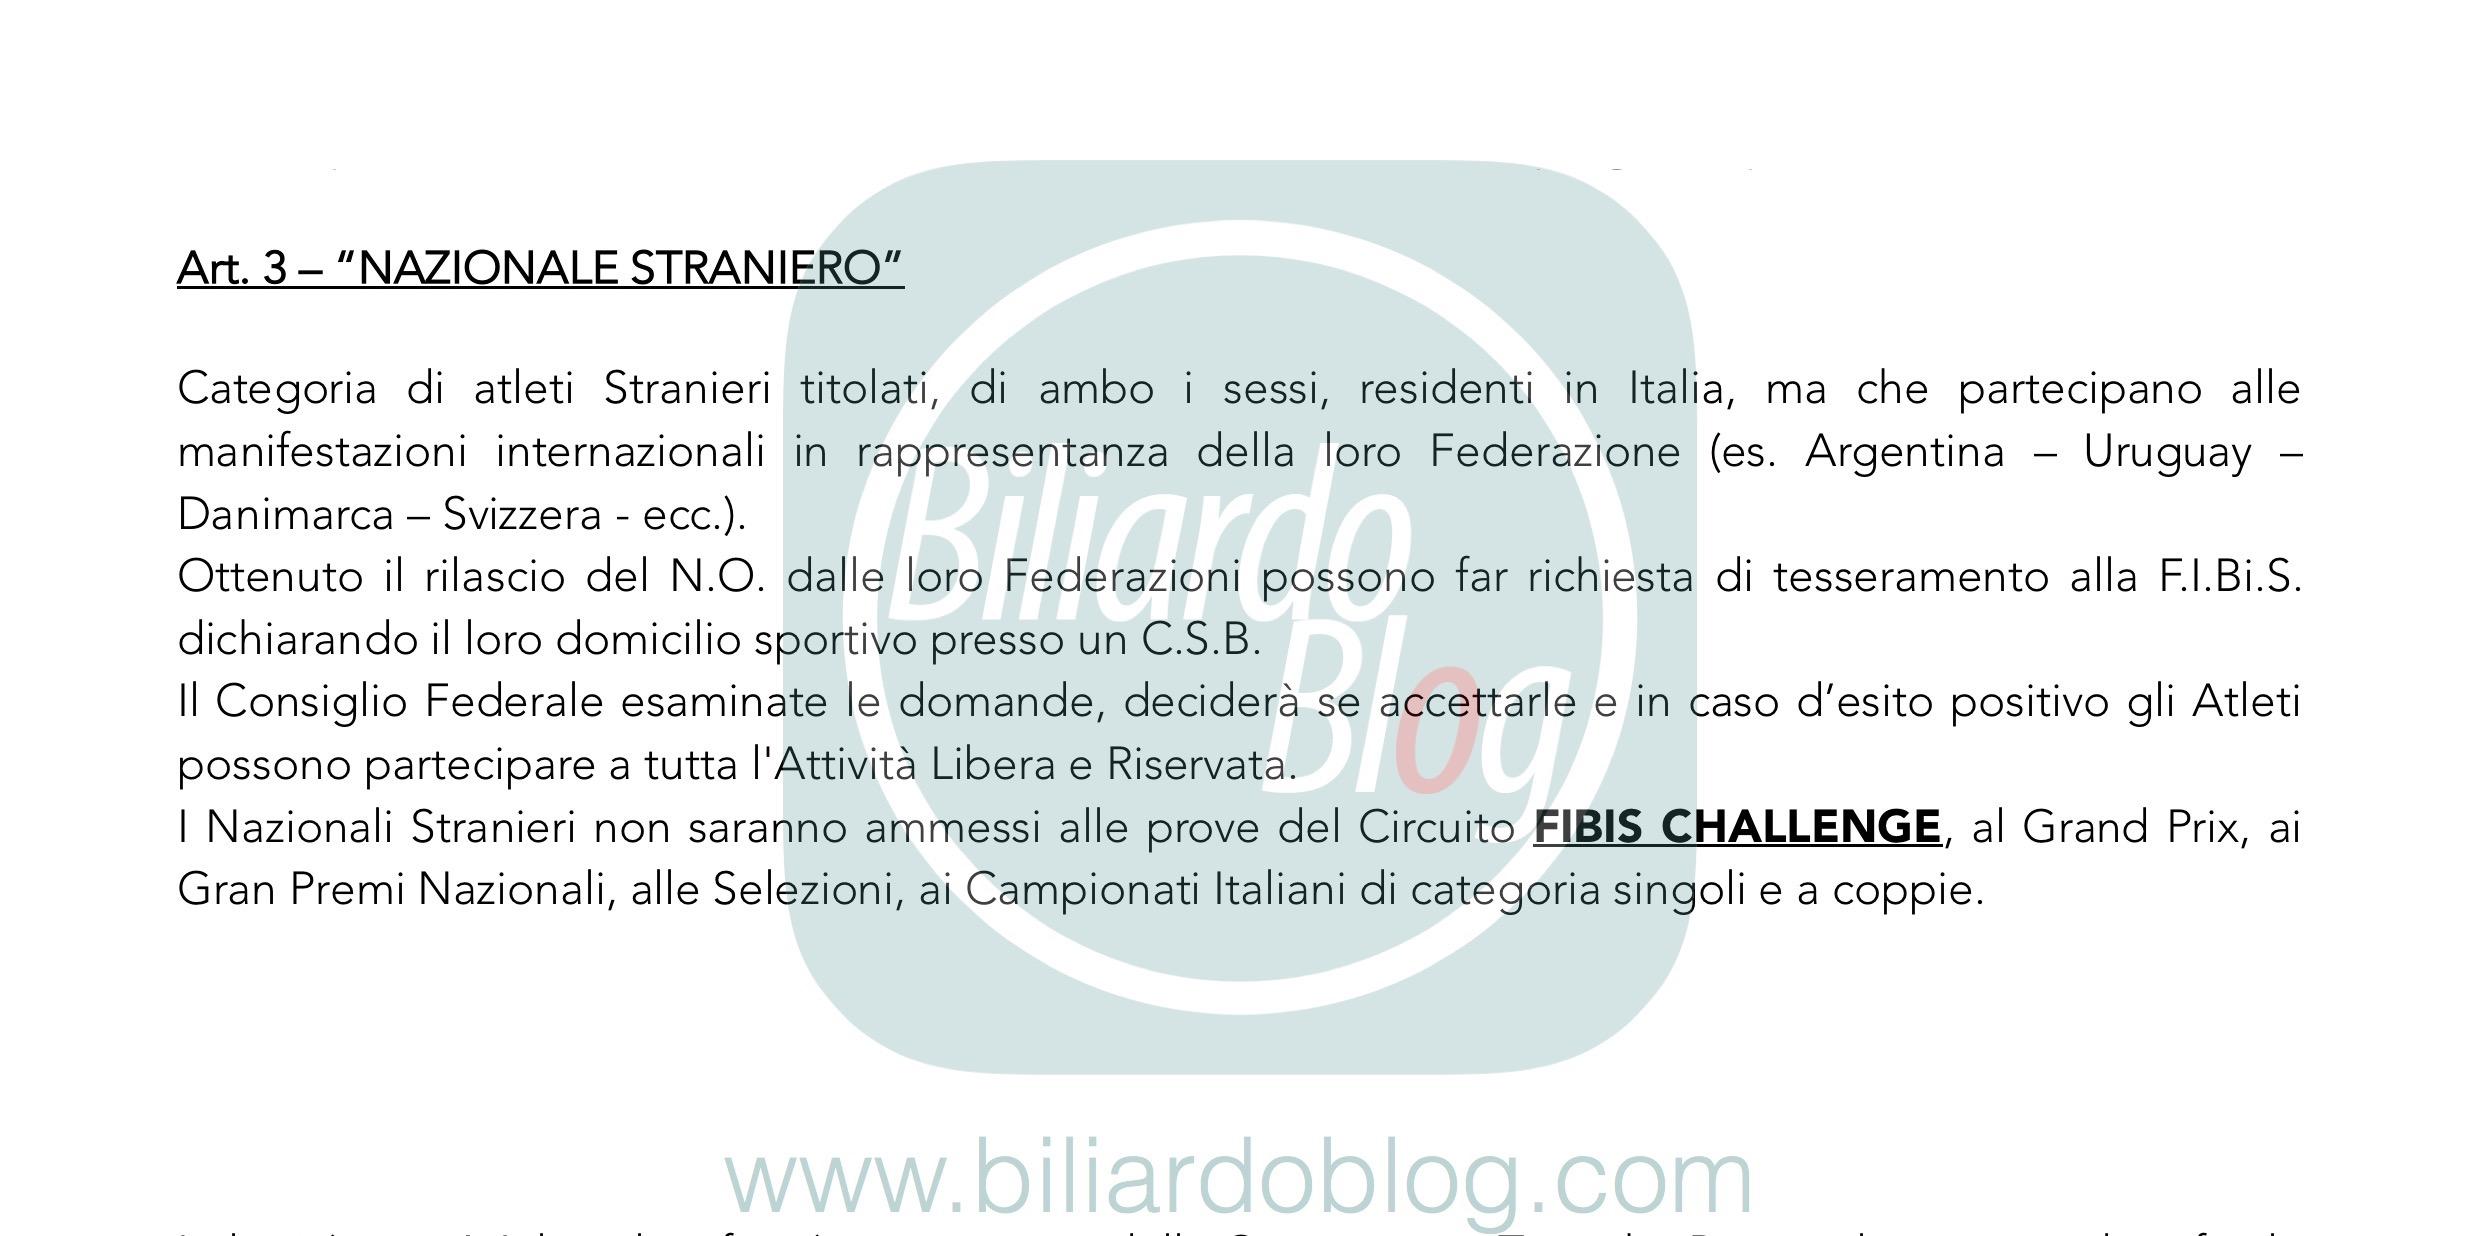 Regolamento Tecnico Campionato Biliardo 2019 2020: i Nazionali Stranieri.